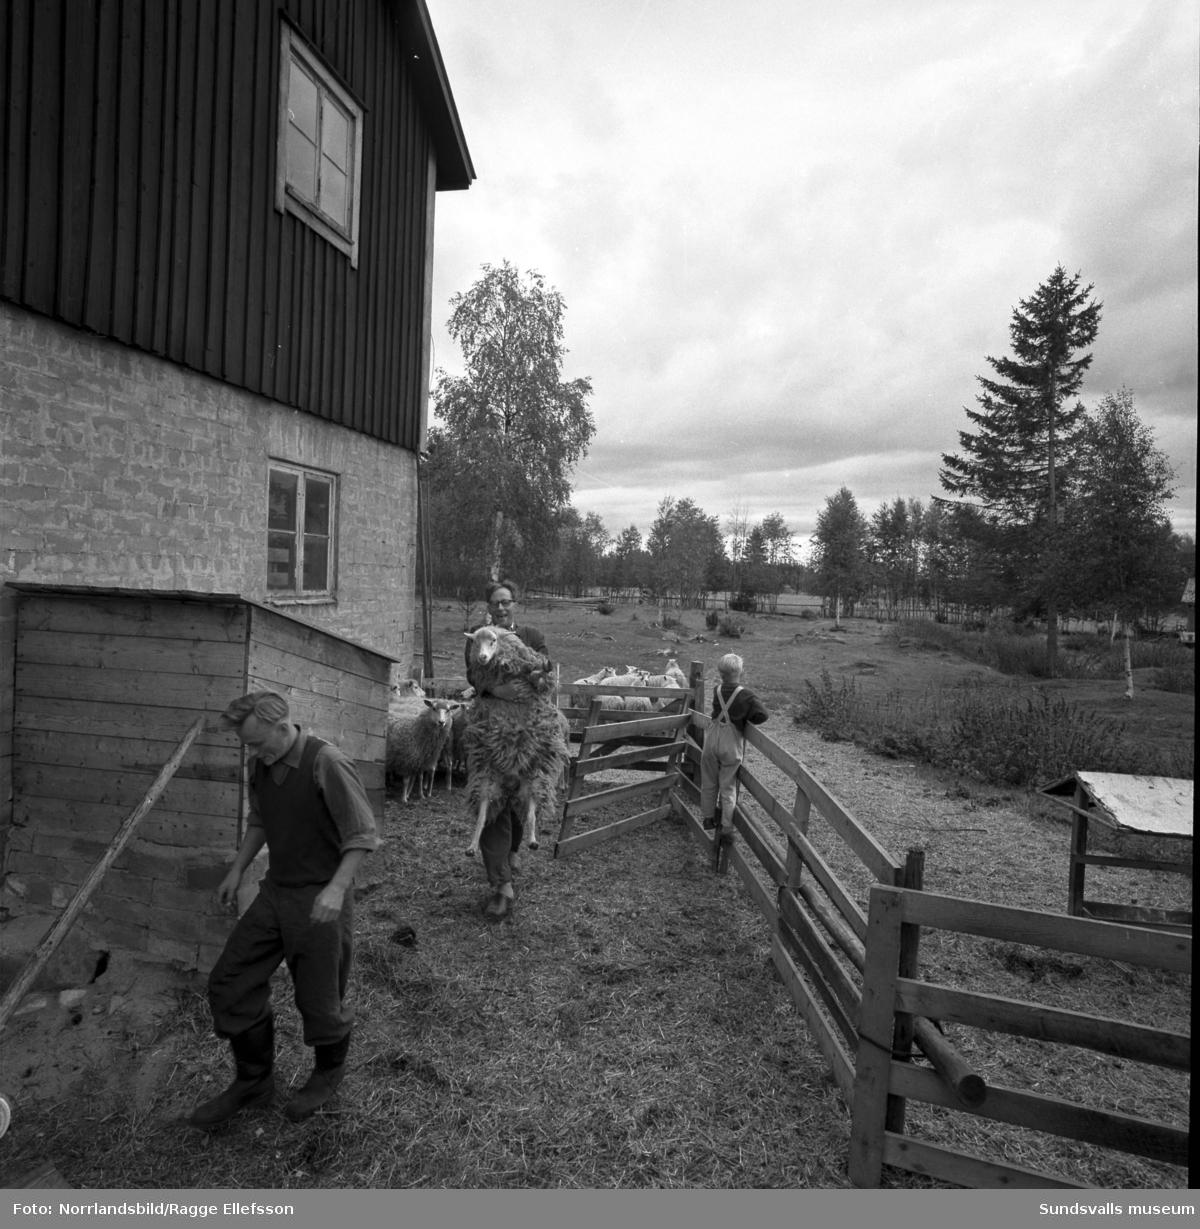 Folkskollärare Gunnar Tjernbergs lantgård i Slätt, Ovansjö, Njurunda. En flock får hanteras, bland annat så vägs en tacka, och här fanns även häst och hund. En av bilderna visar Tjernbergs yrkesroll som lärare i klassrummet och på en annan är han i skogen med yxan i högsta hugg.